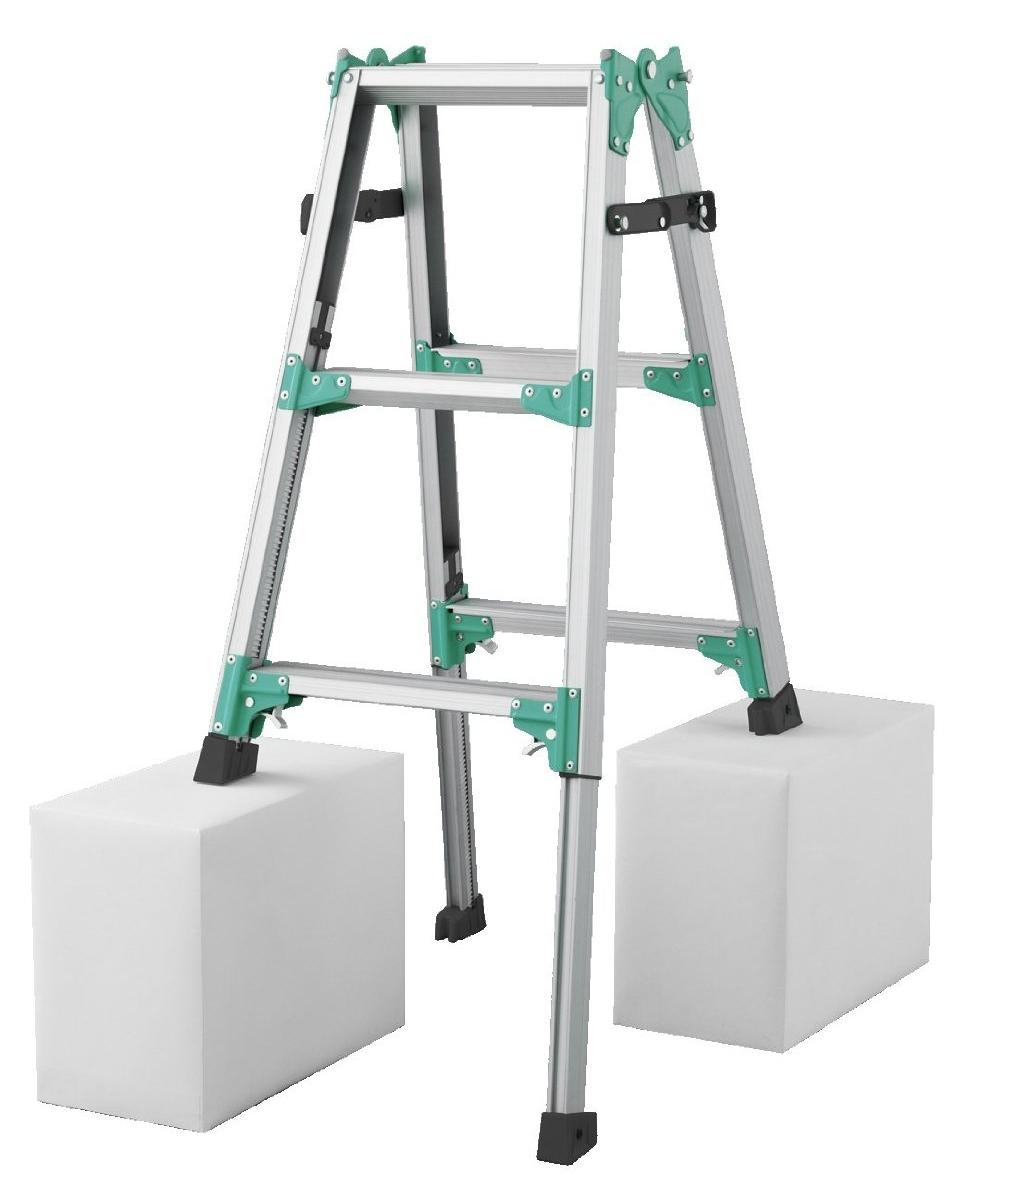 【メーカー直送にて送料無料(北海道は+3000円)】長谷川工業 RYZ-09bハセガワ hasegawa 伸縮脚立 はしご兼用脚立 脚の長さが調節できる♪ 天板高さ72cm~103cm【hat】※送り先が法人名に出来る方のみの販売となります。